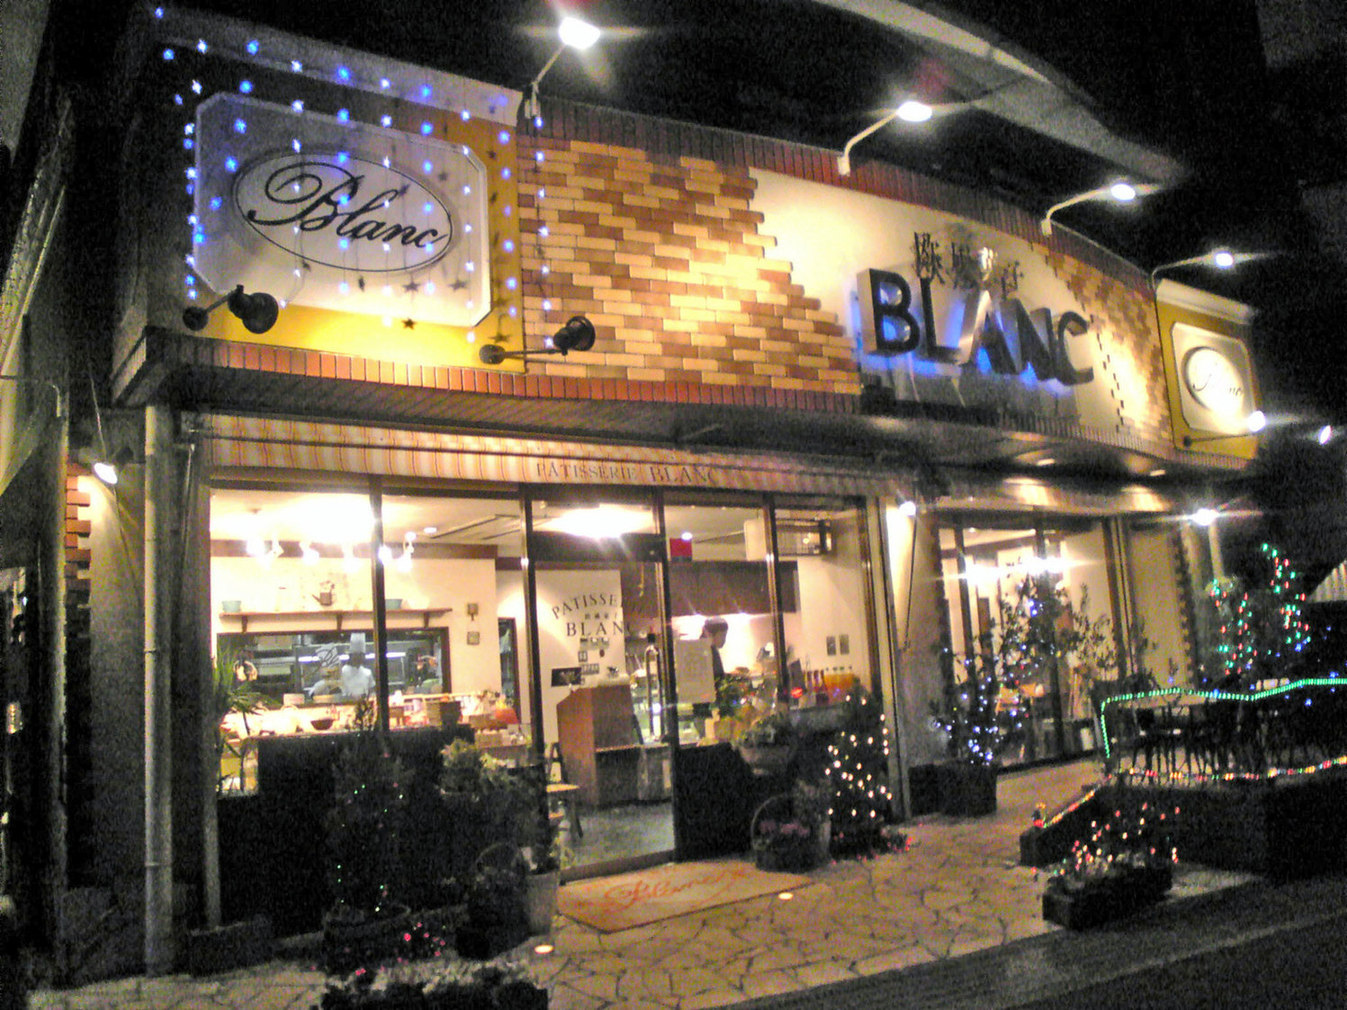 ブラン洋菓子店